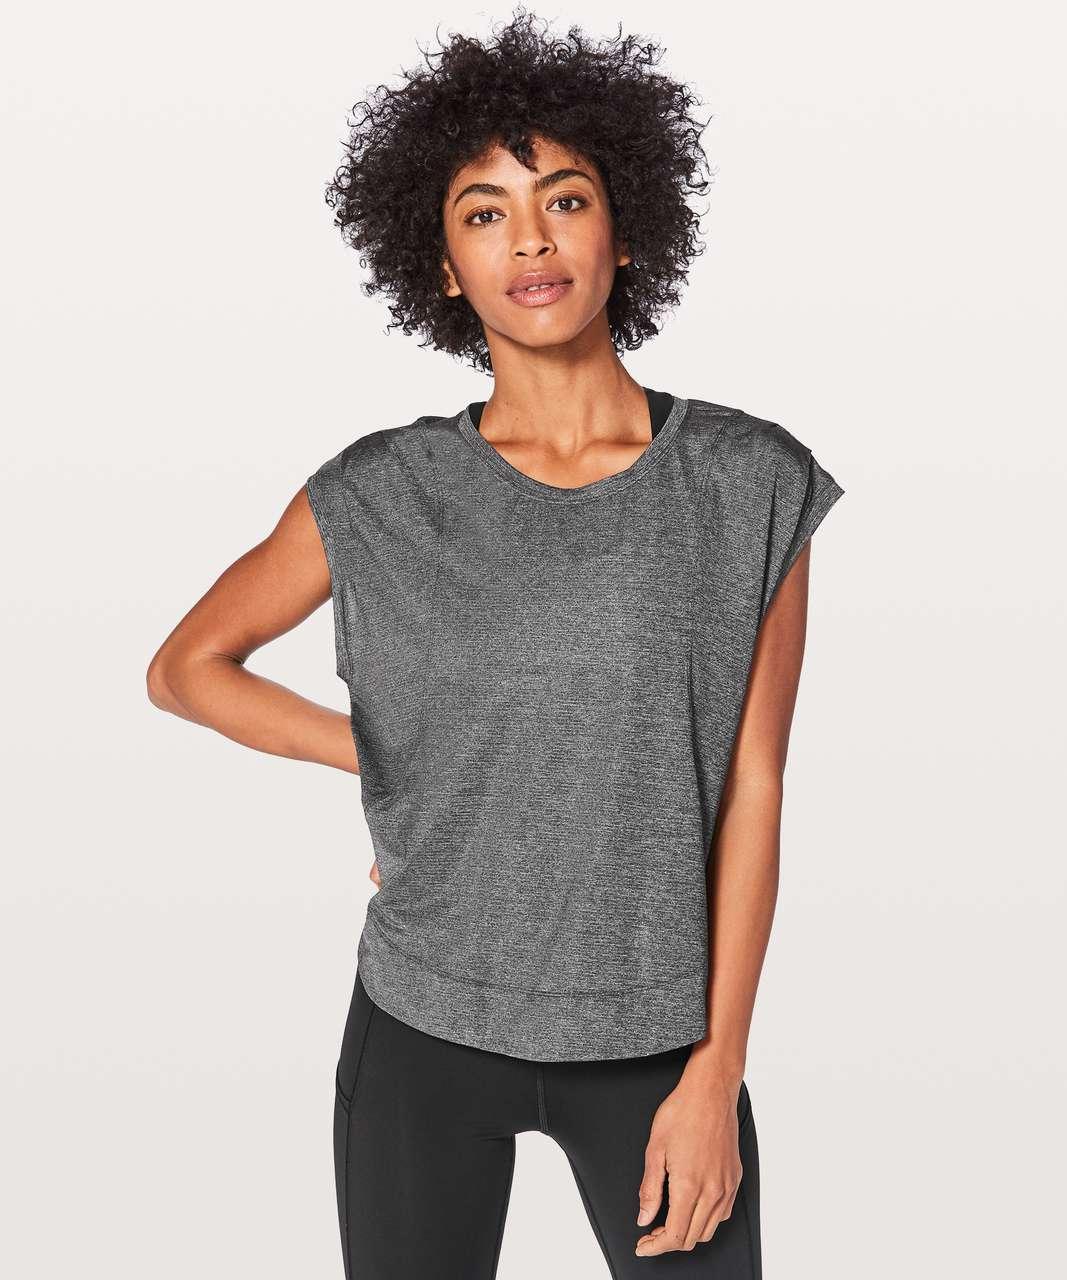 Lululemon Gait Keeper Short Sleeve - Heathered Black